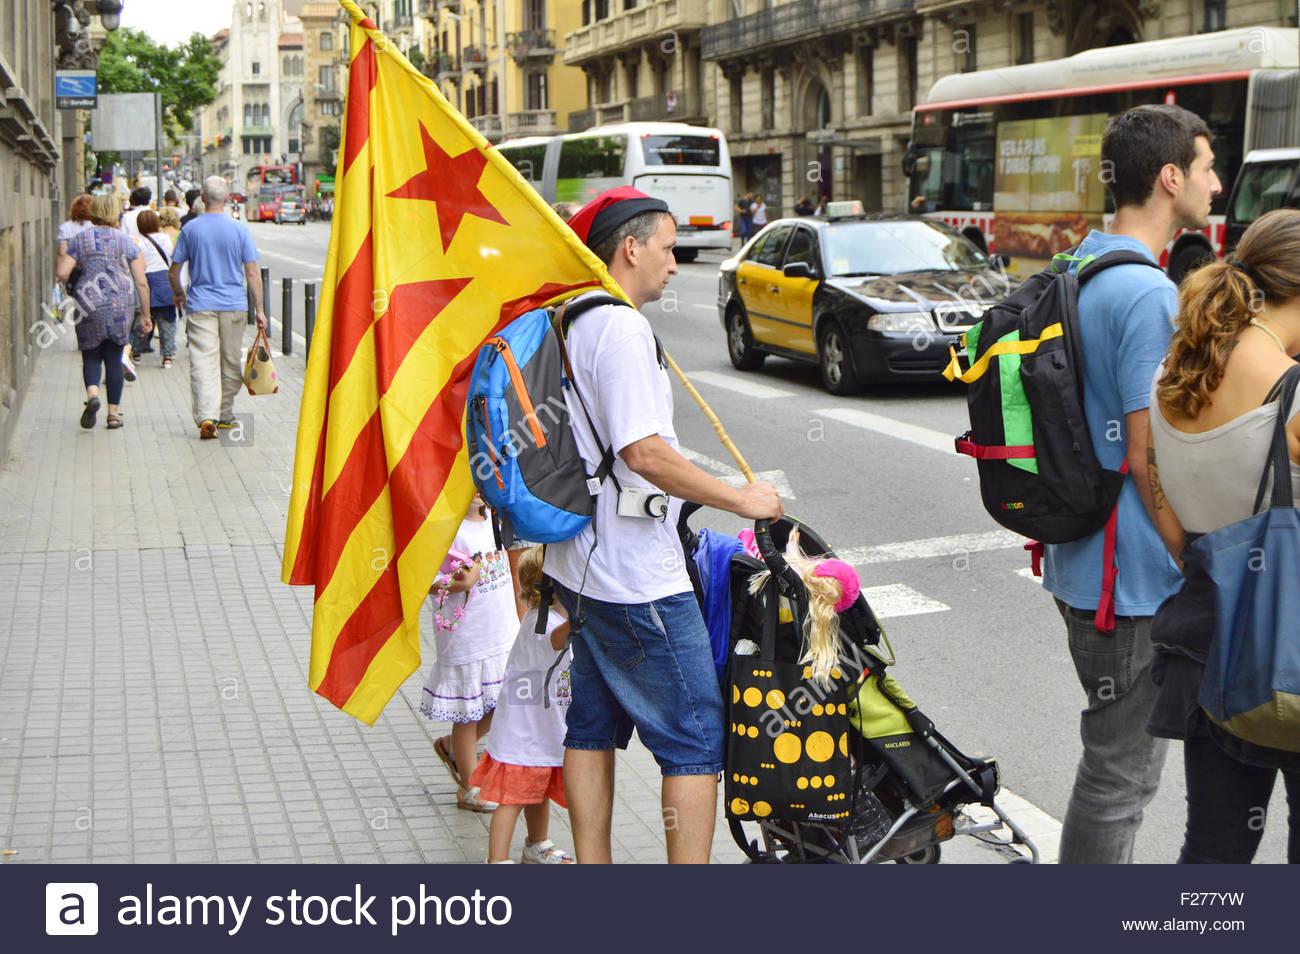 Homme avec drapeau vu dans la rue de Barcelone avant de Catalan de mars l'indépendance de l'Espagne Photo Stock